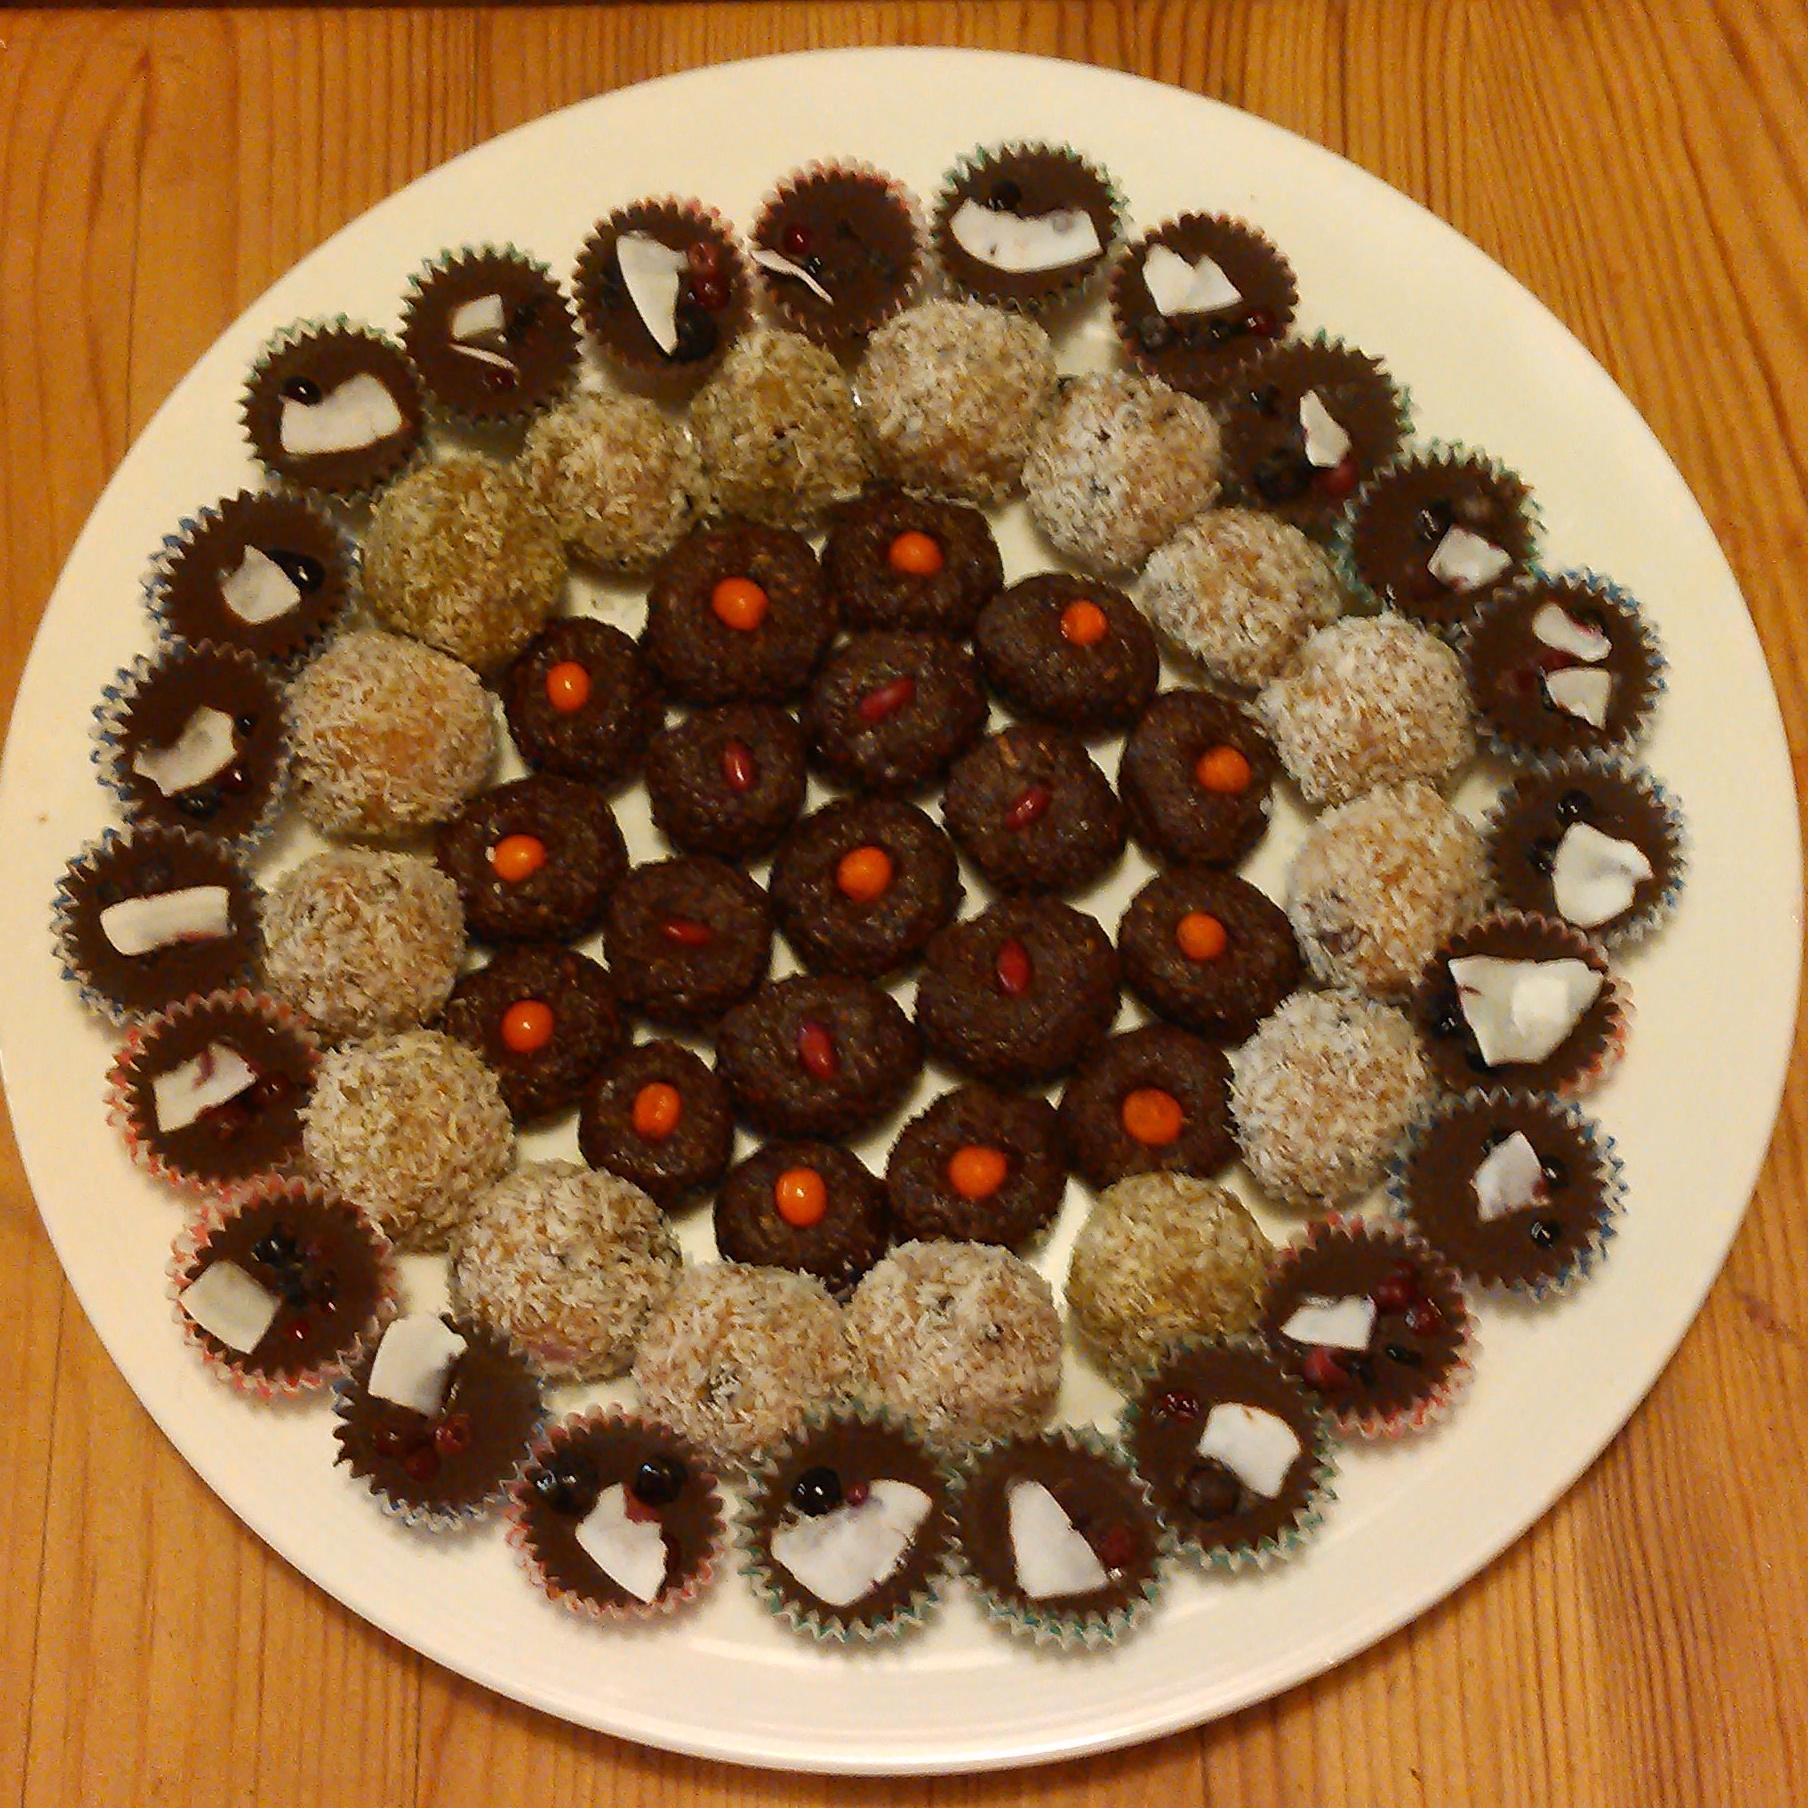 Rawgodterier med spanskkjørvelsukker, granskuddssirup, rosesaft, rosekronblader, og bær av tindved, berberis, blåbær og tyttebær.